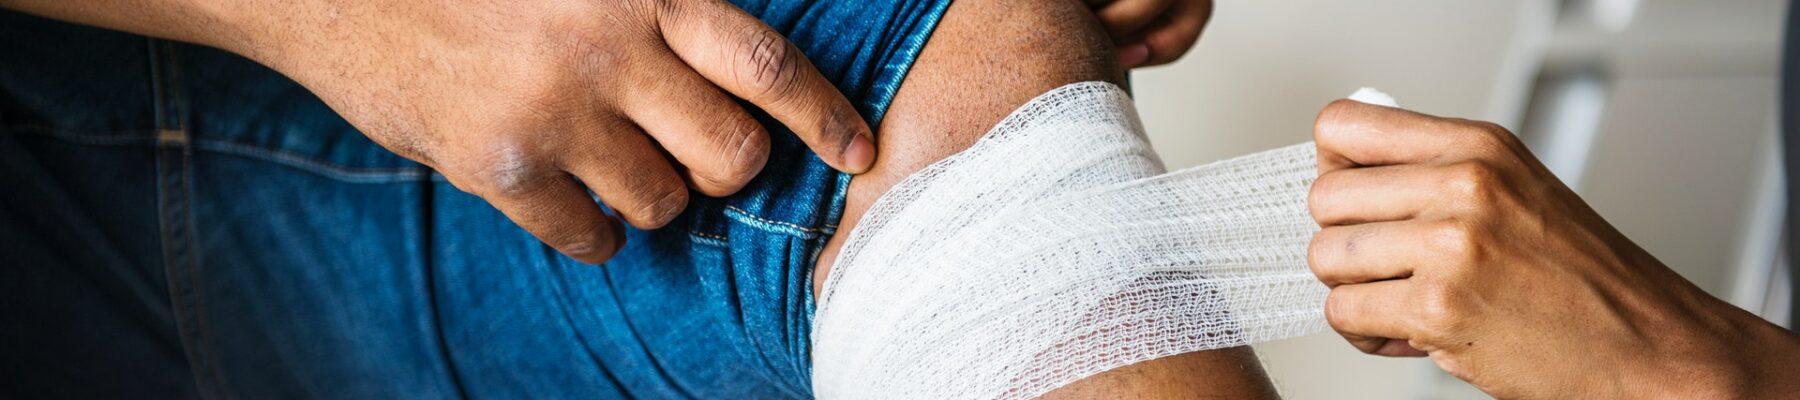 bandage-care-close-up-1385747